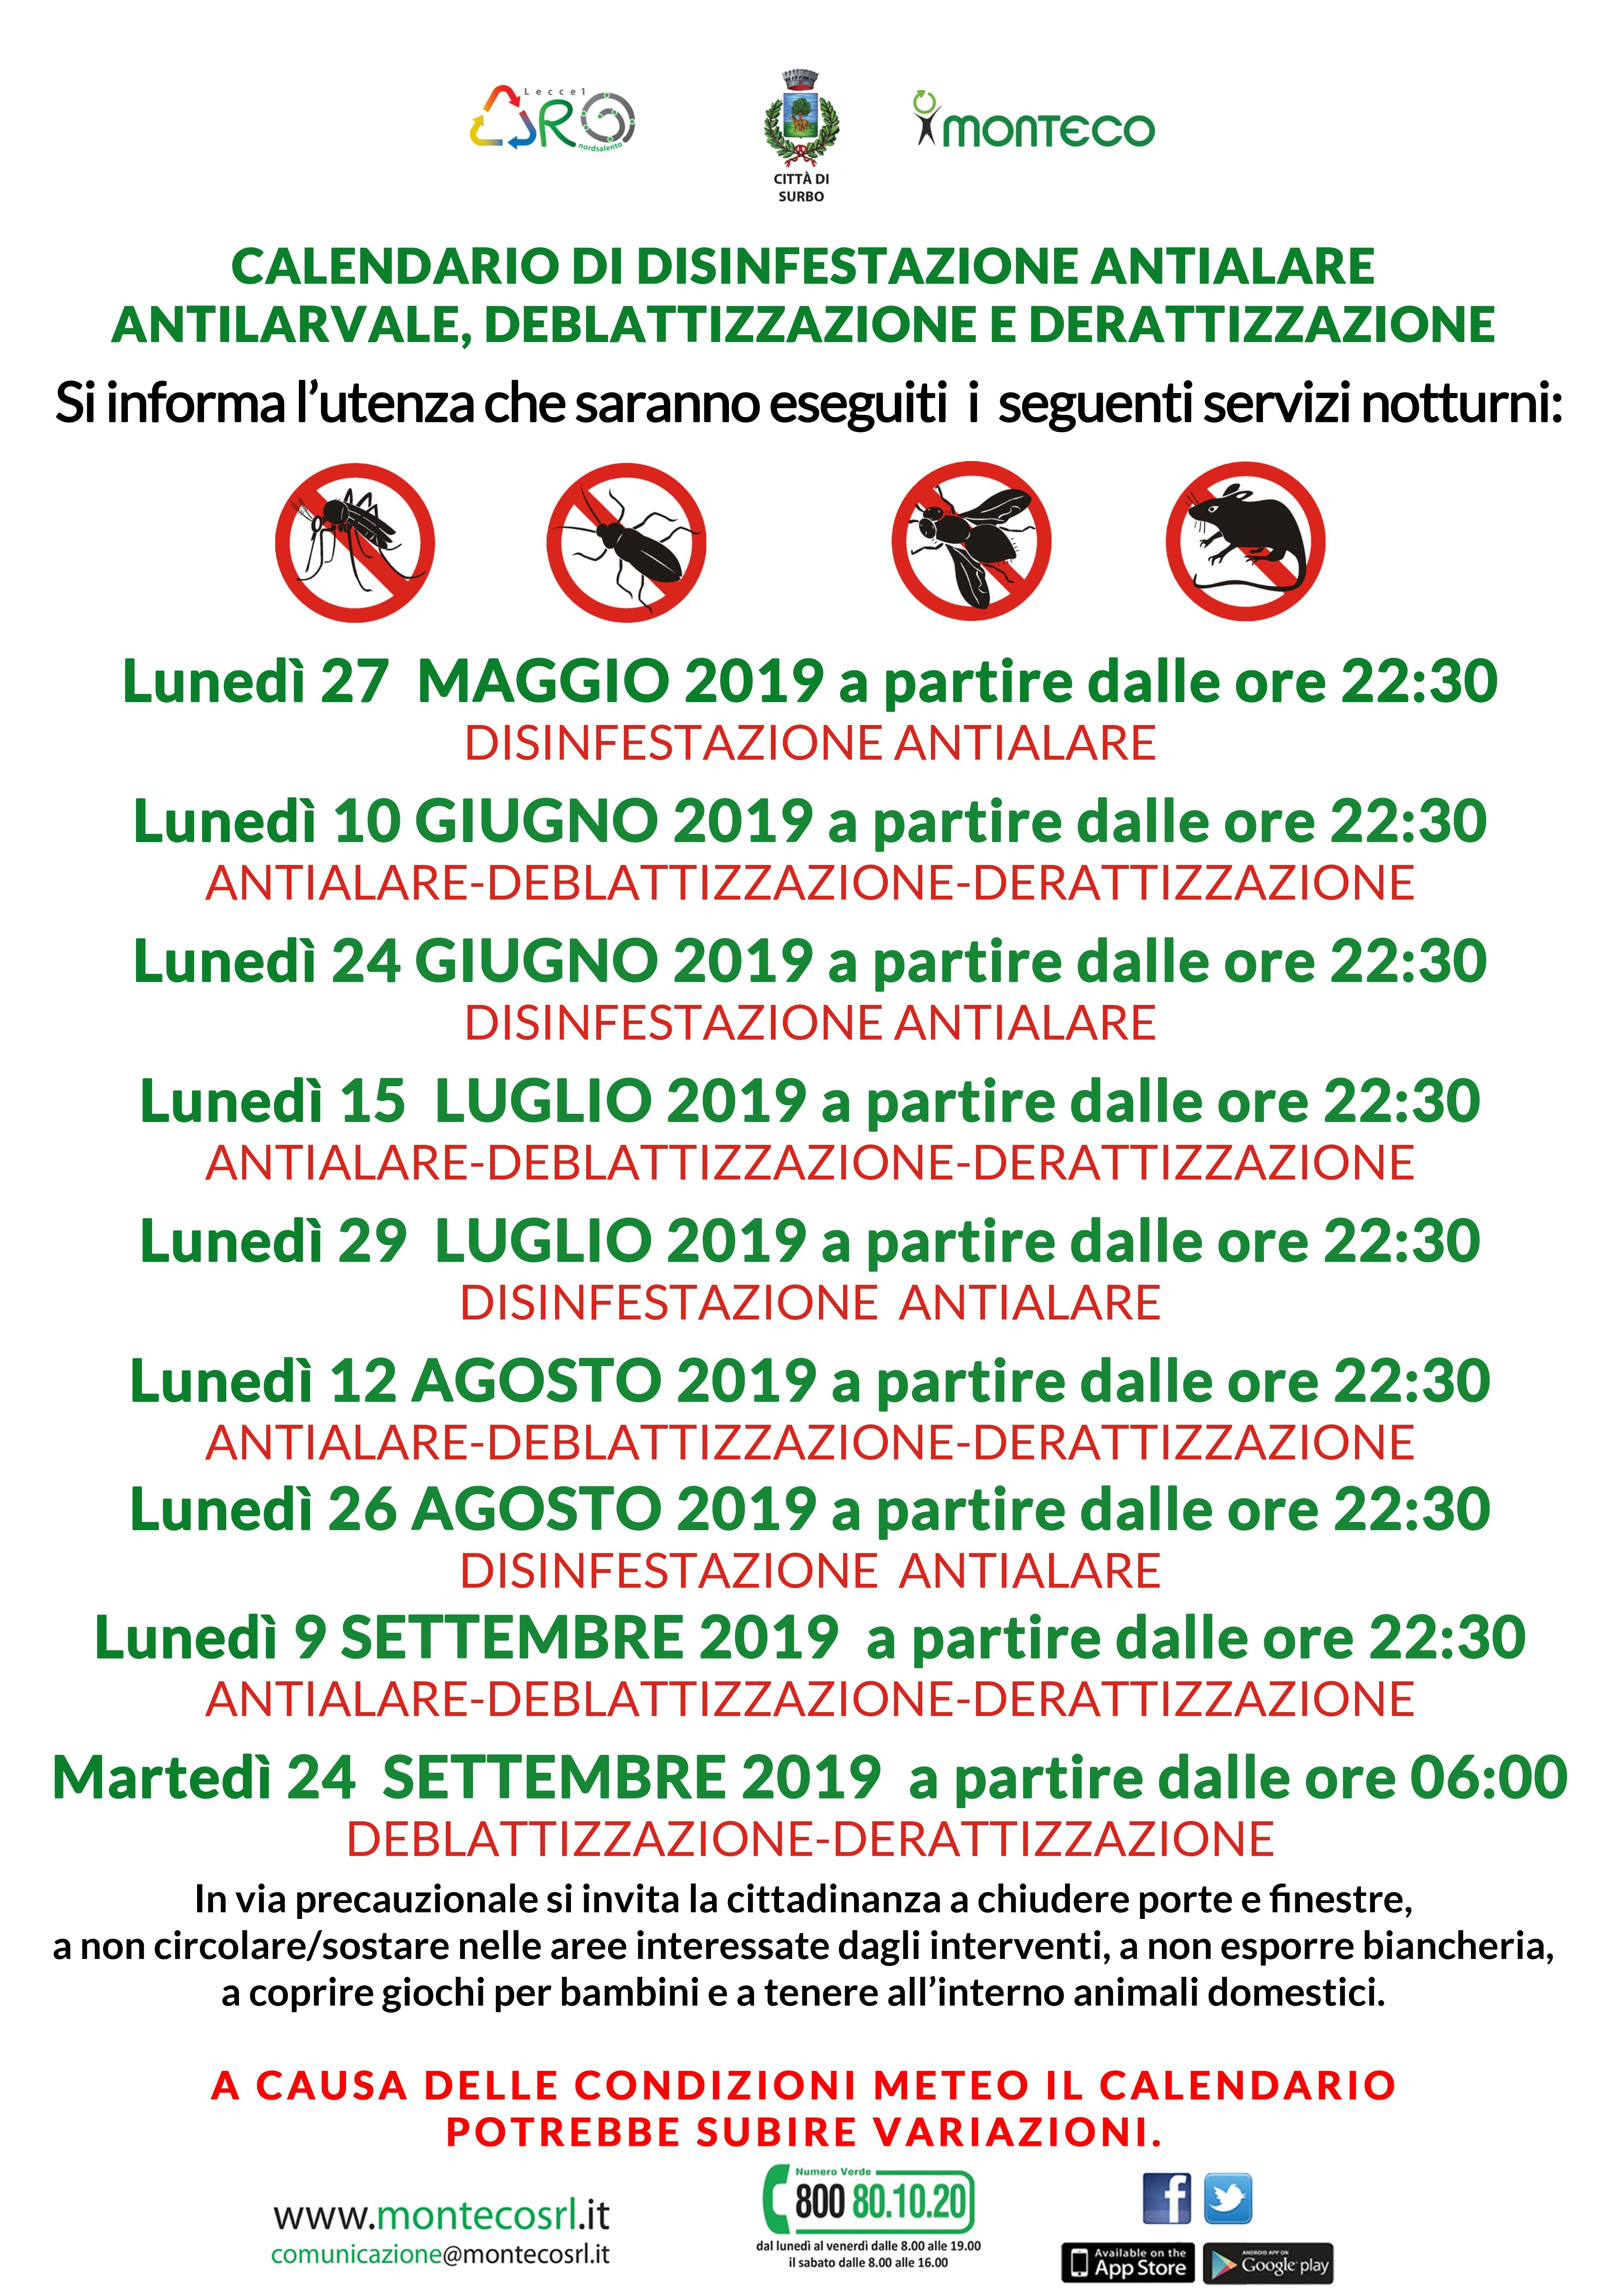 Surbo, Calendario di disinfestazione antialare antilarvare, deblattizzazione, derattizzazione